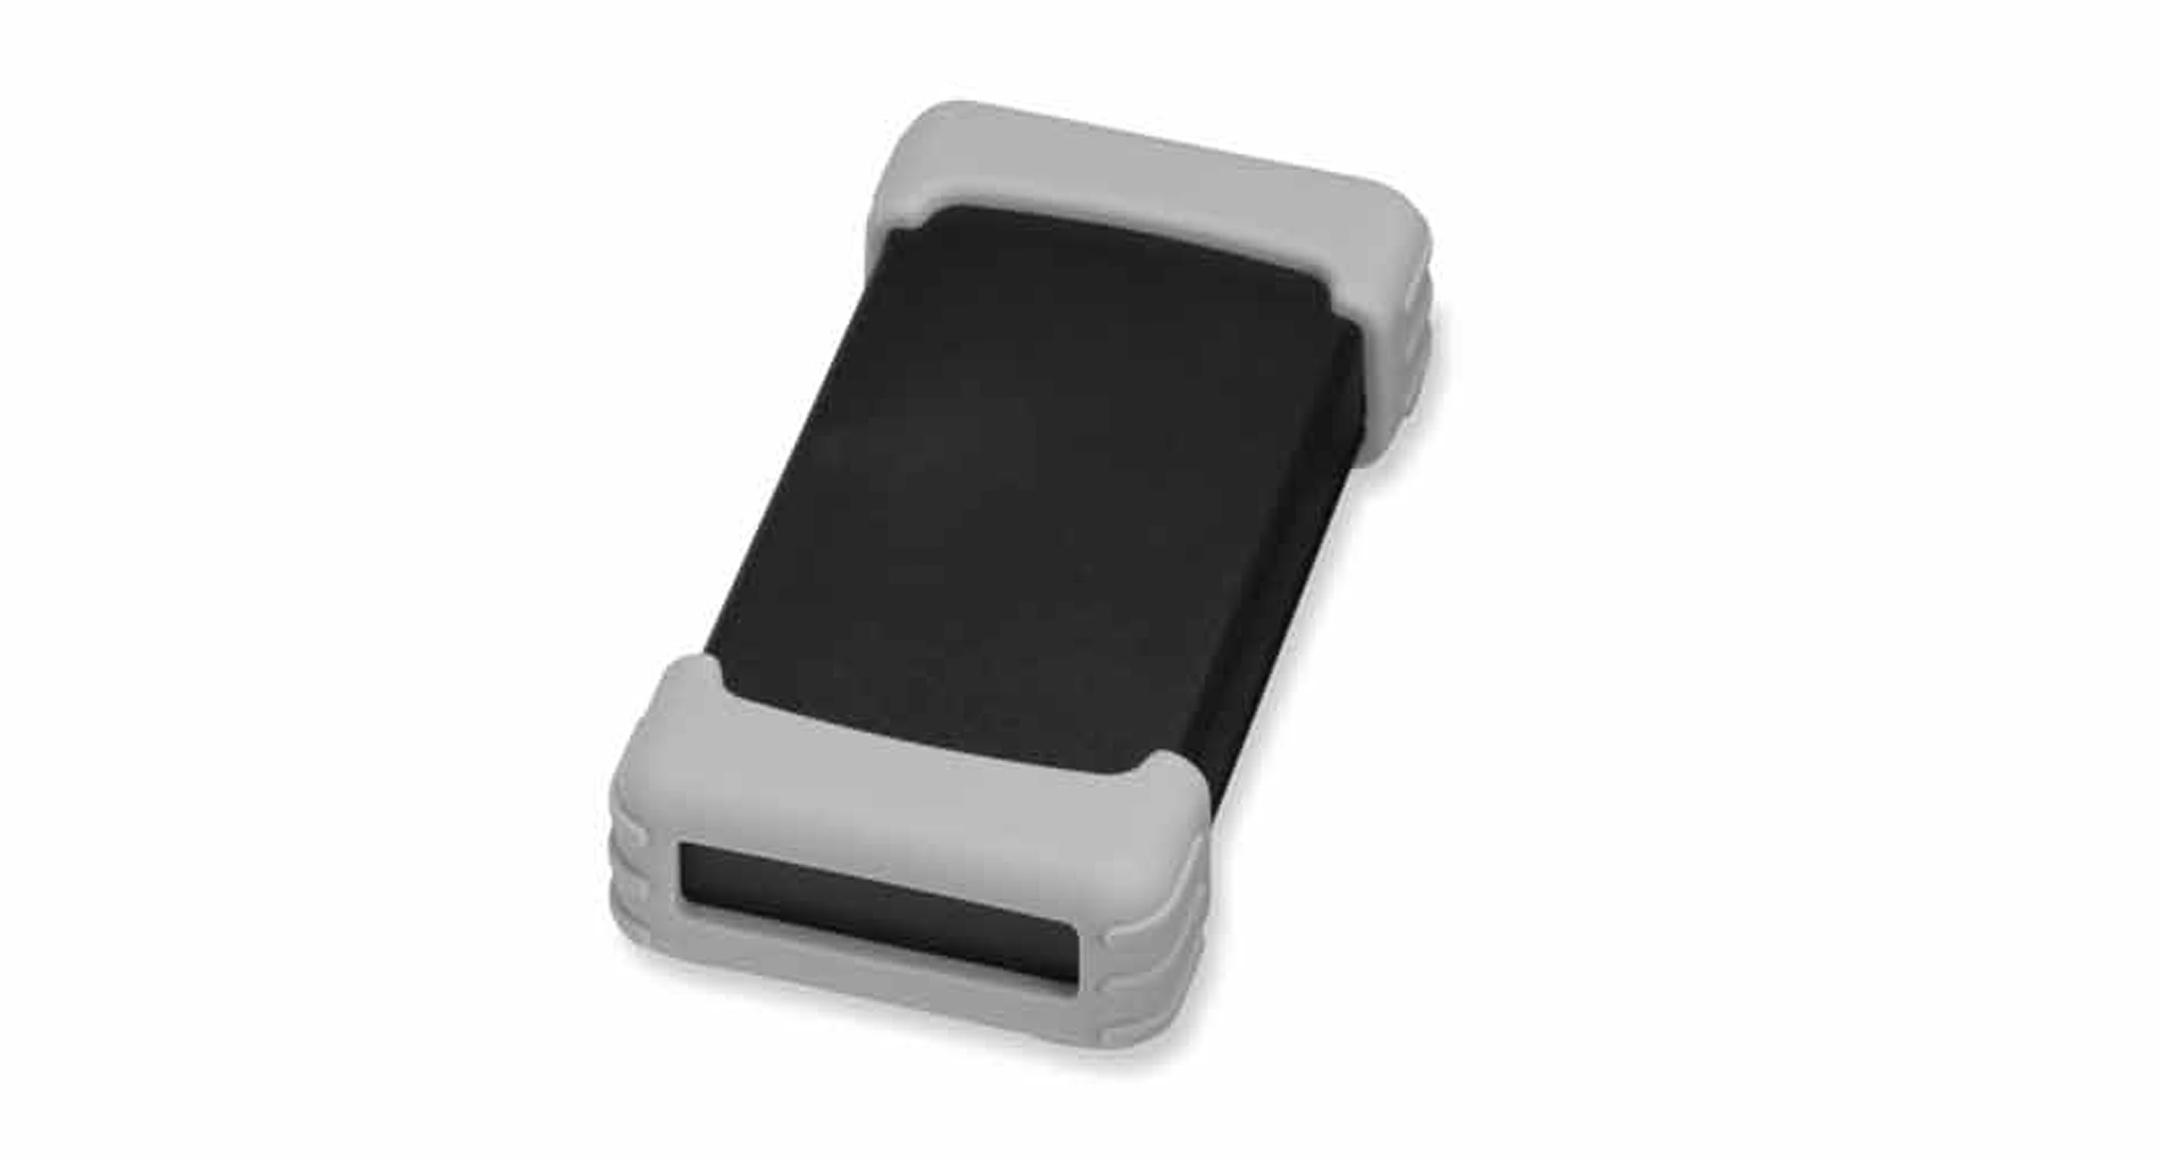 シリコンプロテクター付プラスチックケース TWSシリーズ:ブラック/ライトグレーの画像